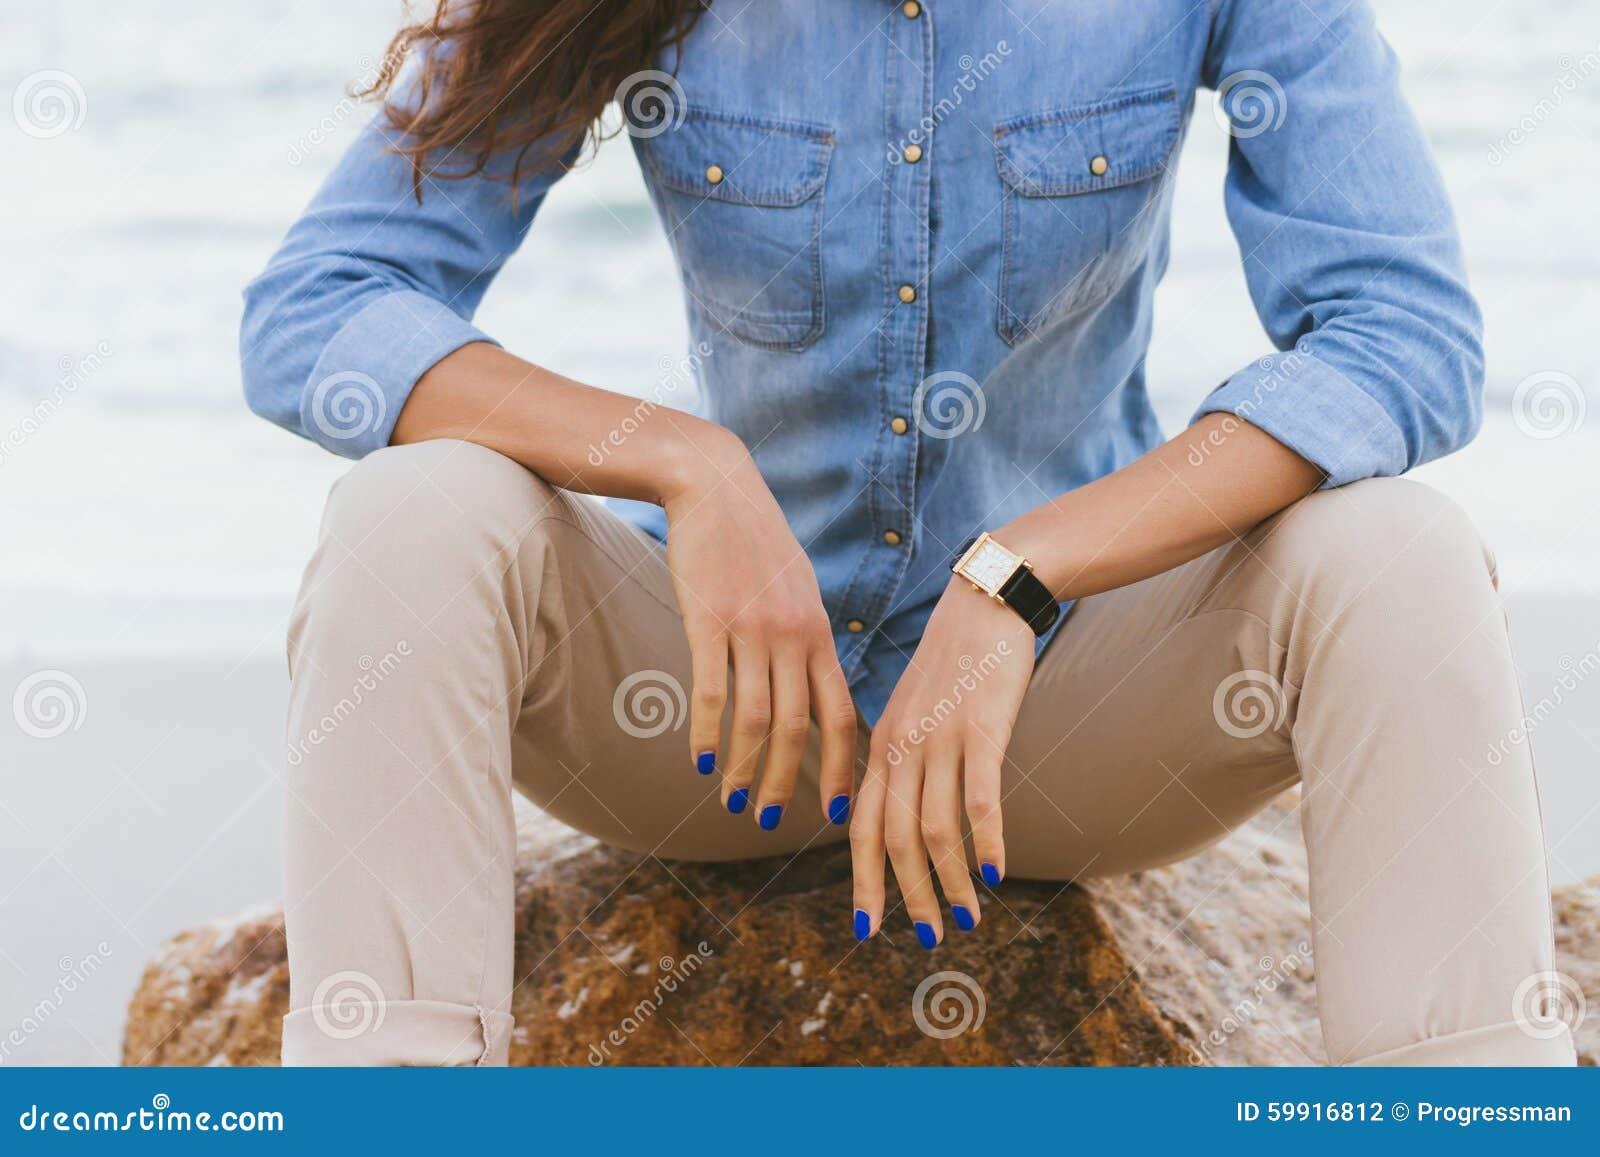 Mujer En Pantalones Beige Y Una Camisa Del Dril De Algodon Que Se Sienta En Una Roca Foto De Archivo Imagen De Dril Algodon 59916812